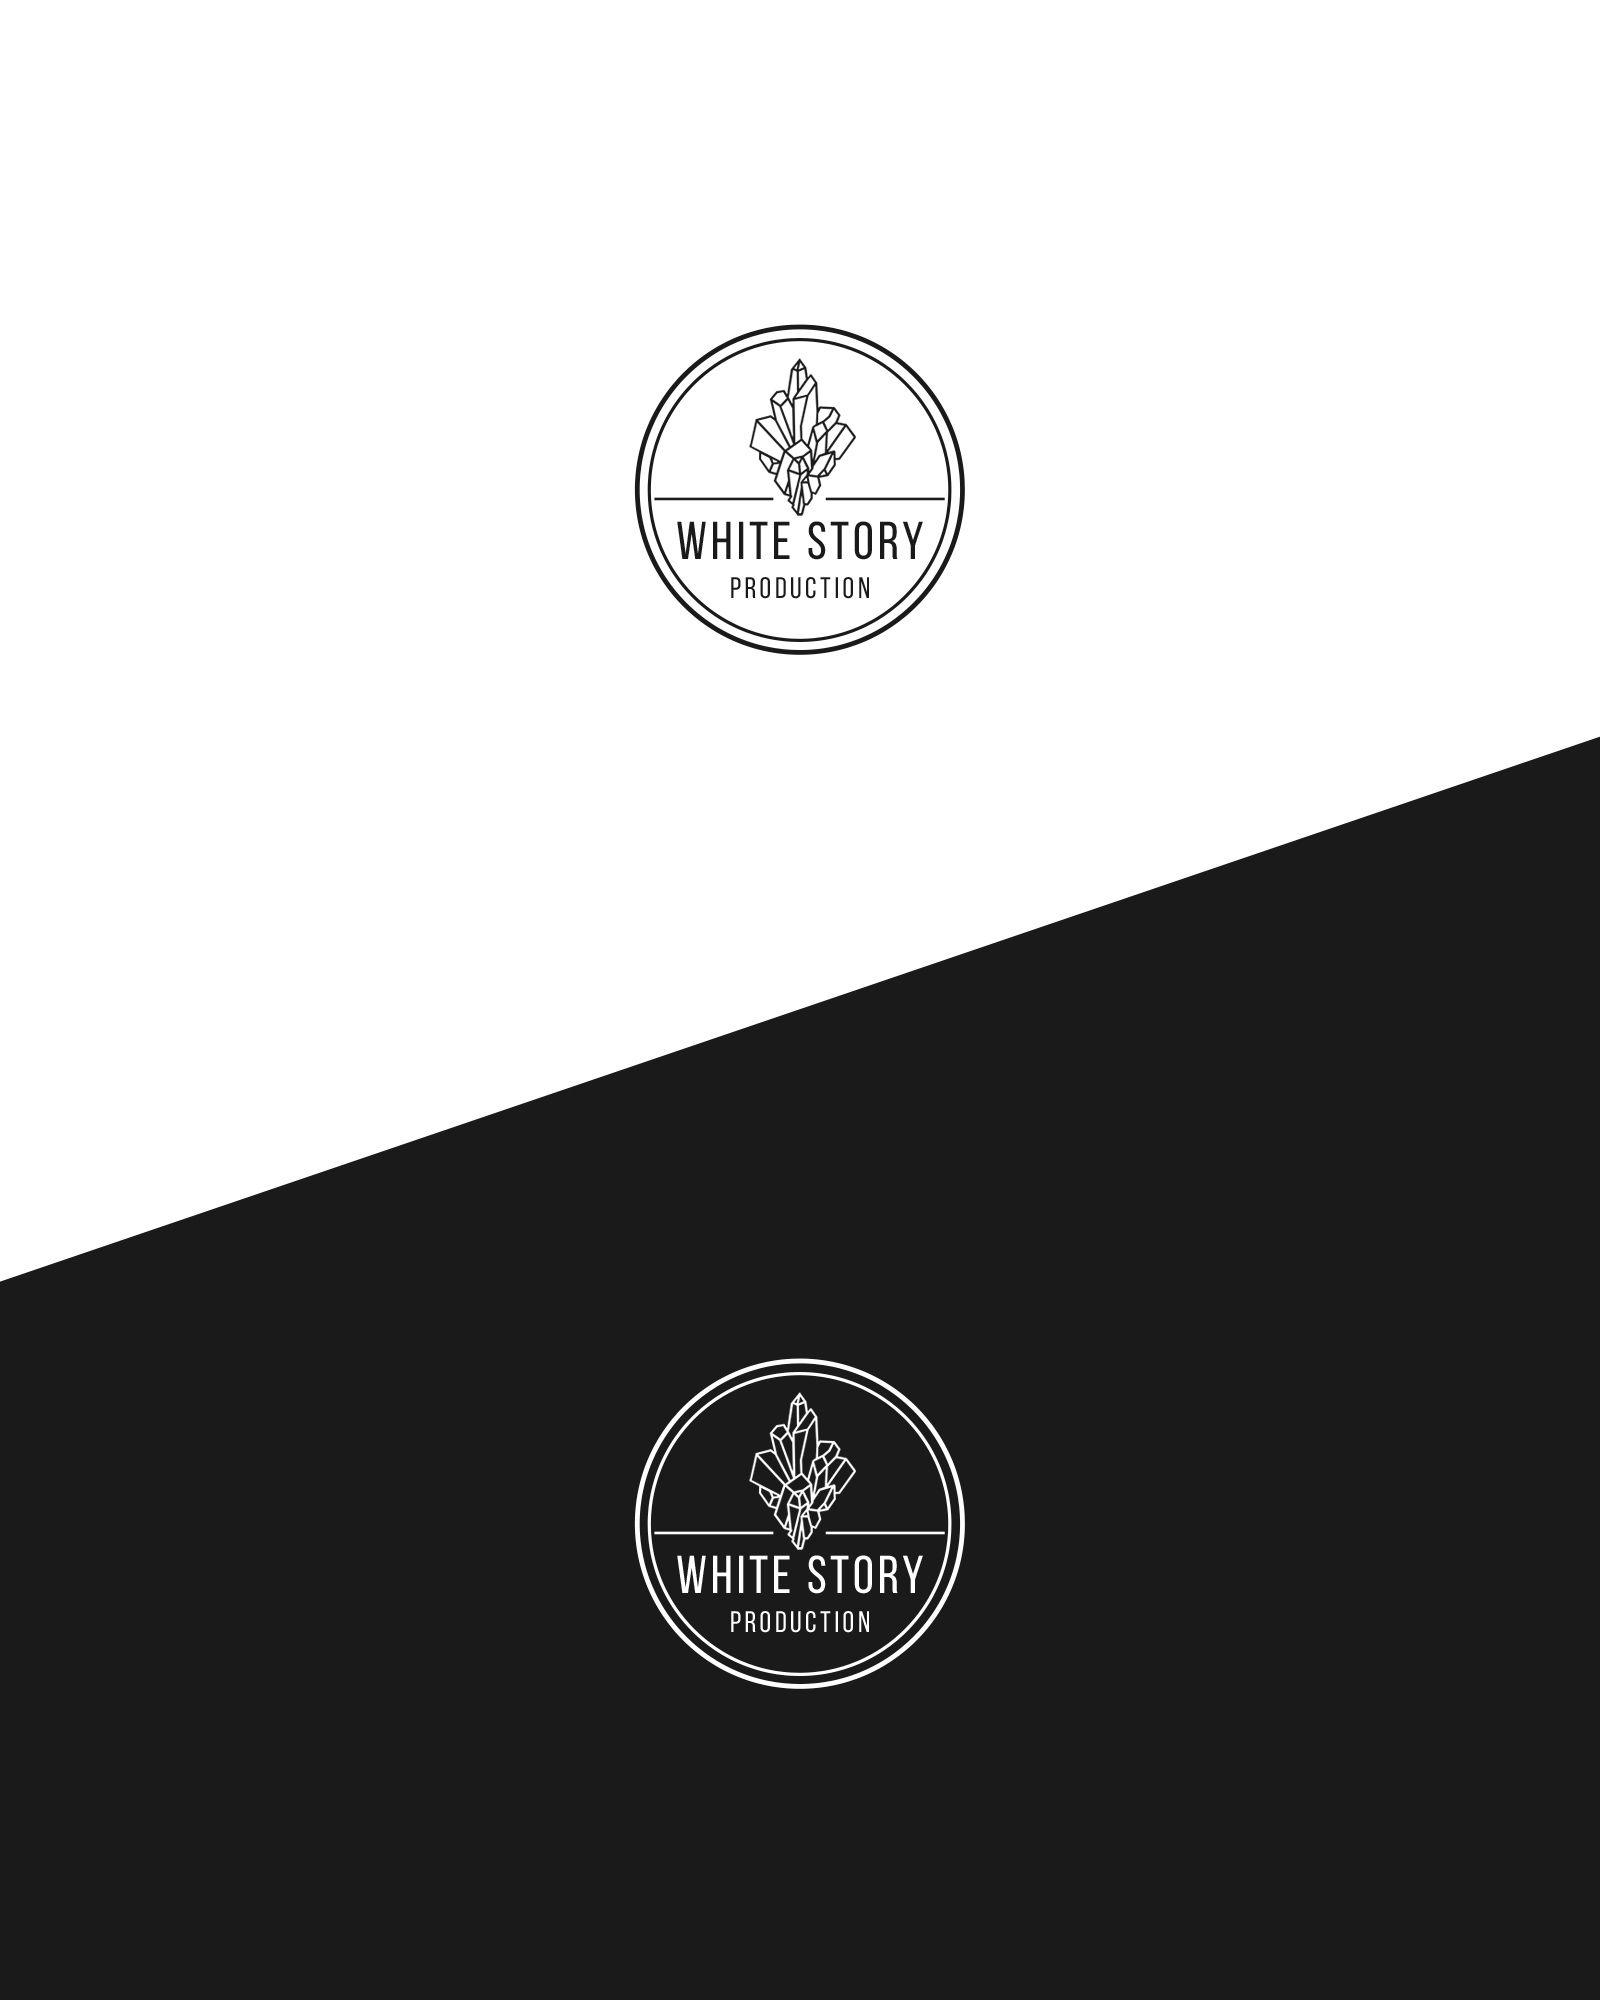 Логотип для Логотип для Фото и Видео продакшена - дизайнер Splayd